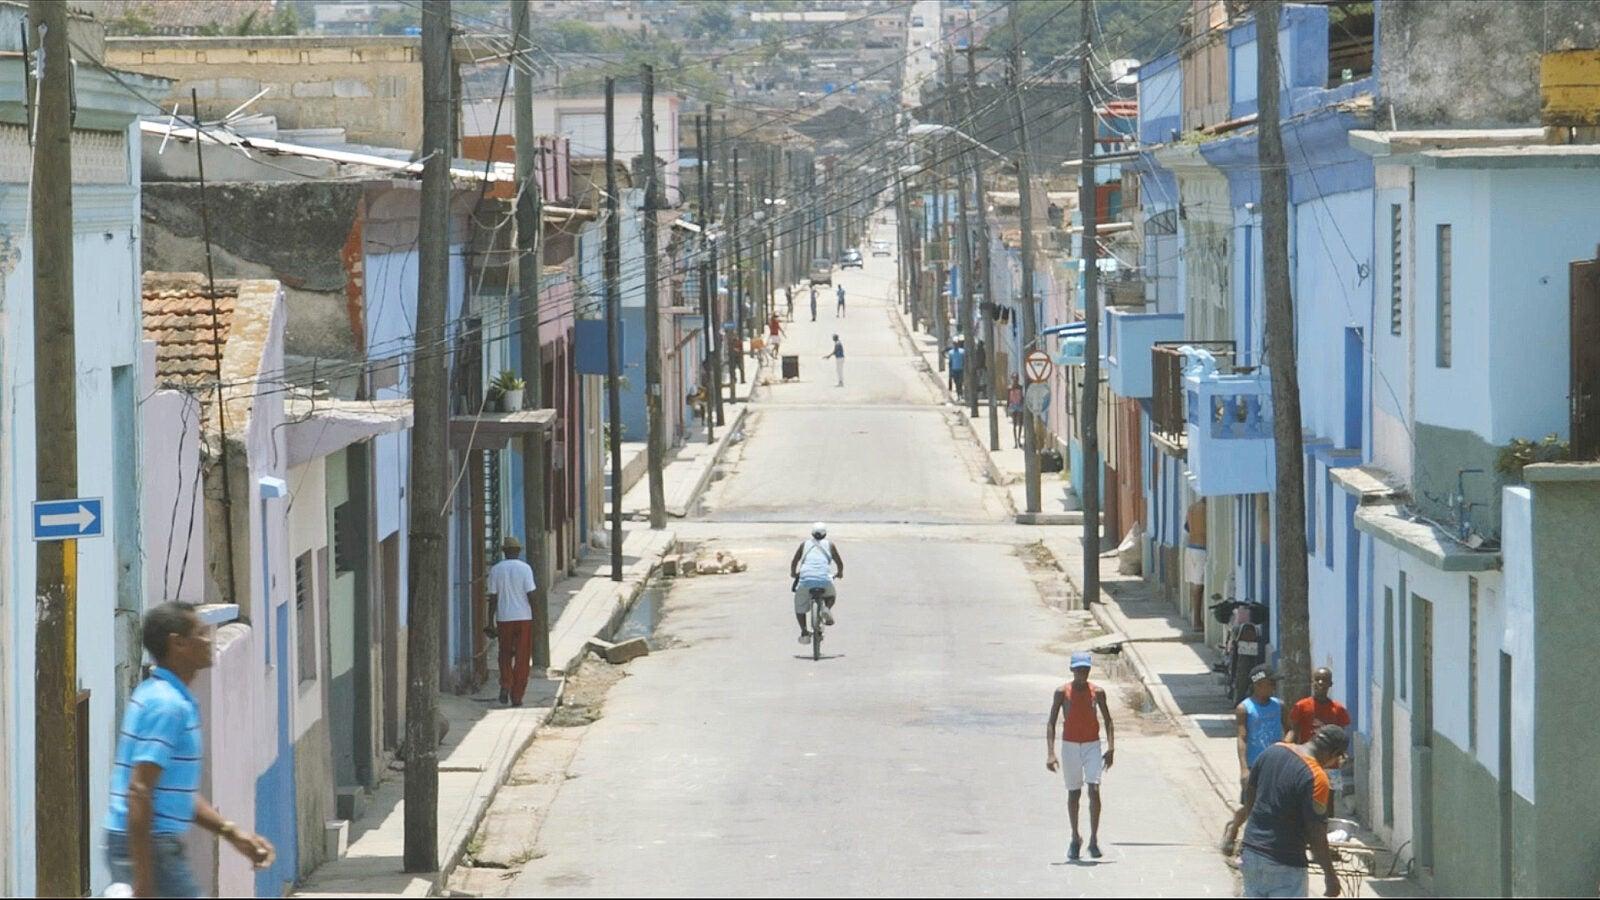 Street in Cuba.